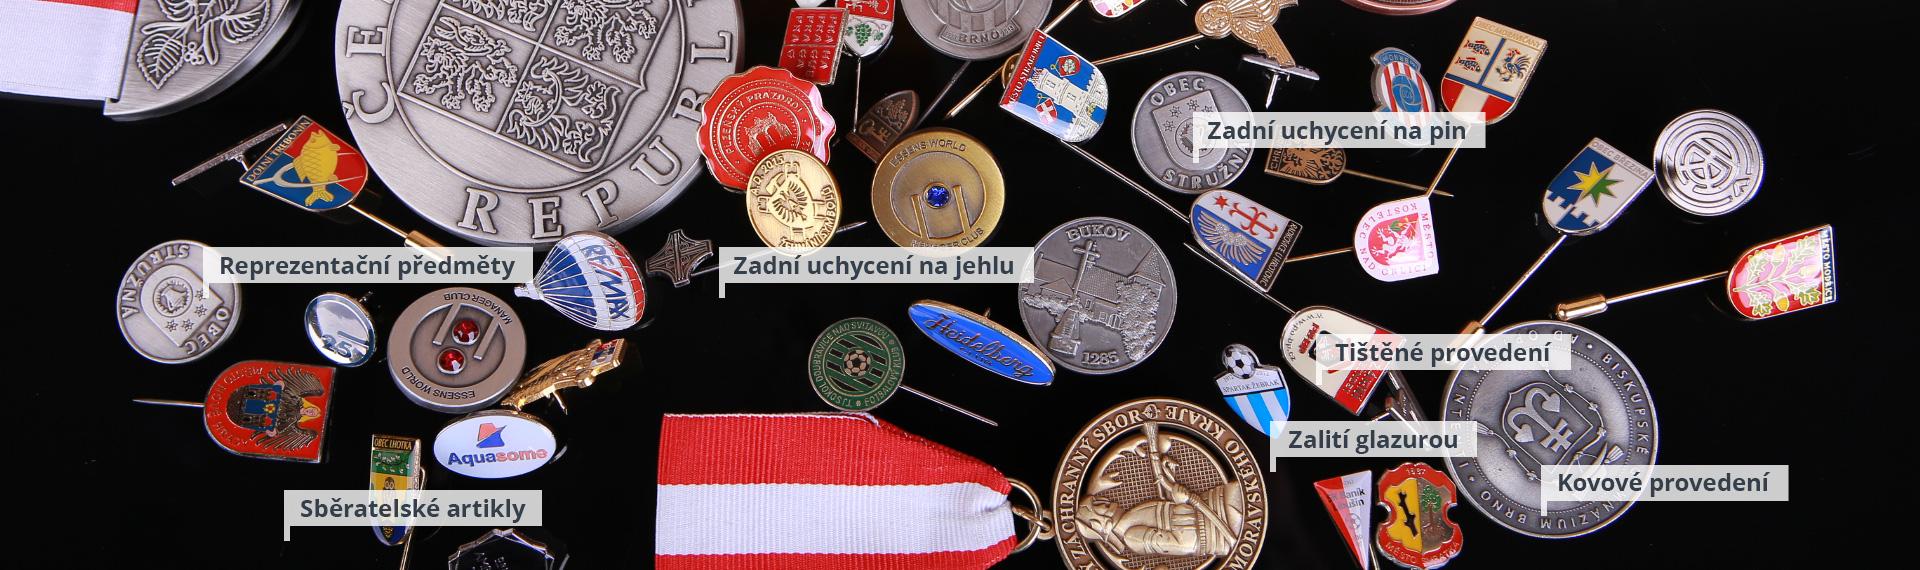 Odznaky, medaile, mince, vyznamenání